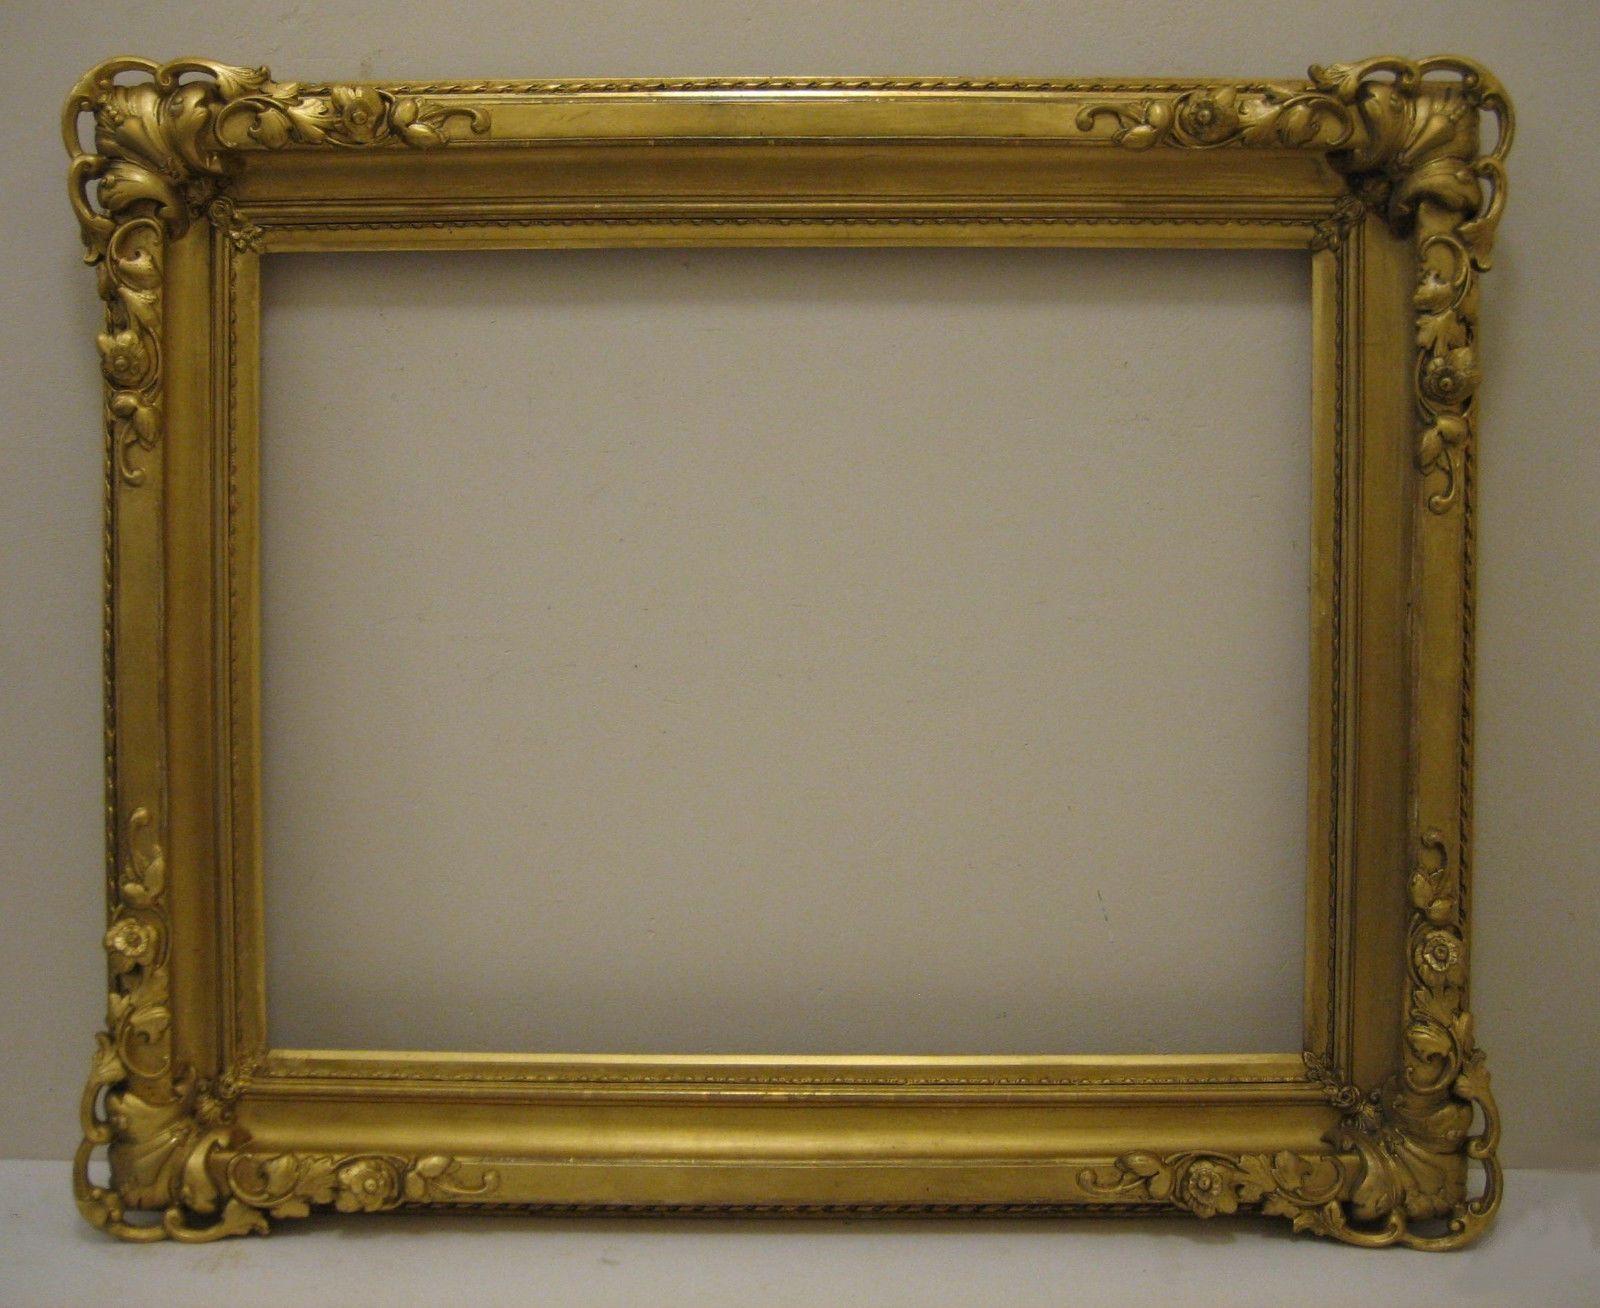 Berühmt Lowy Rahmen Galerie - Benutzerdefinierte Bilderrahmen Ideen ...